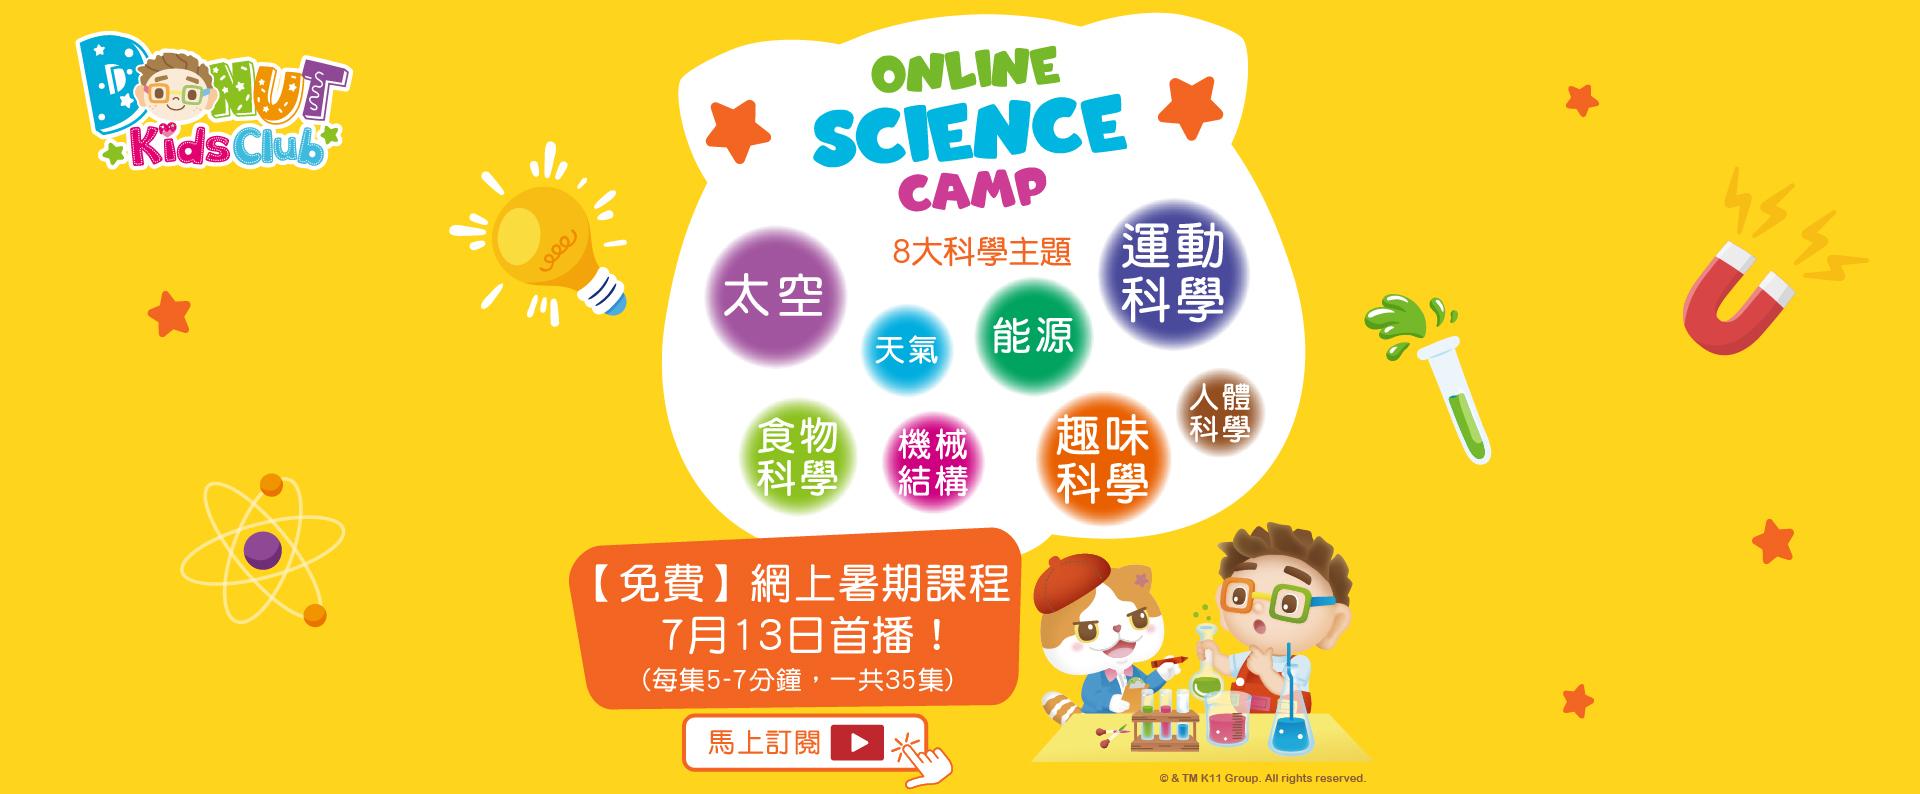 318f  online science camp 1920wx794h v6 large